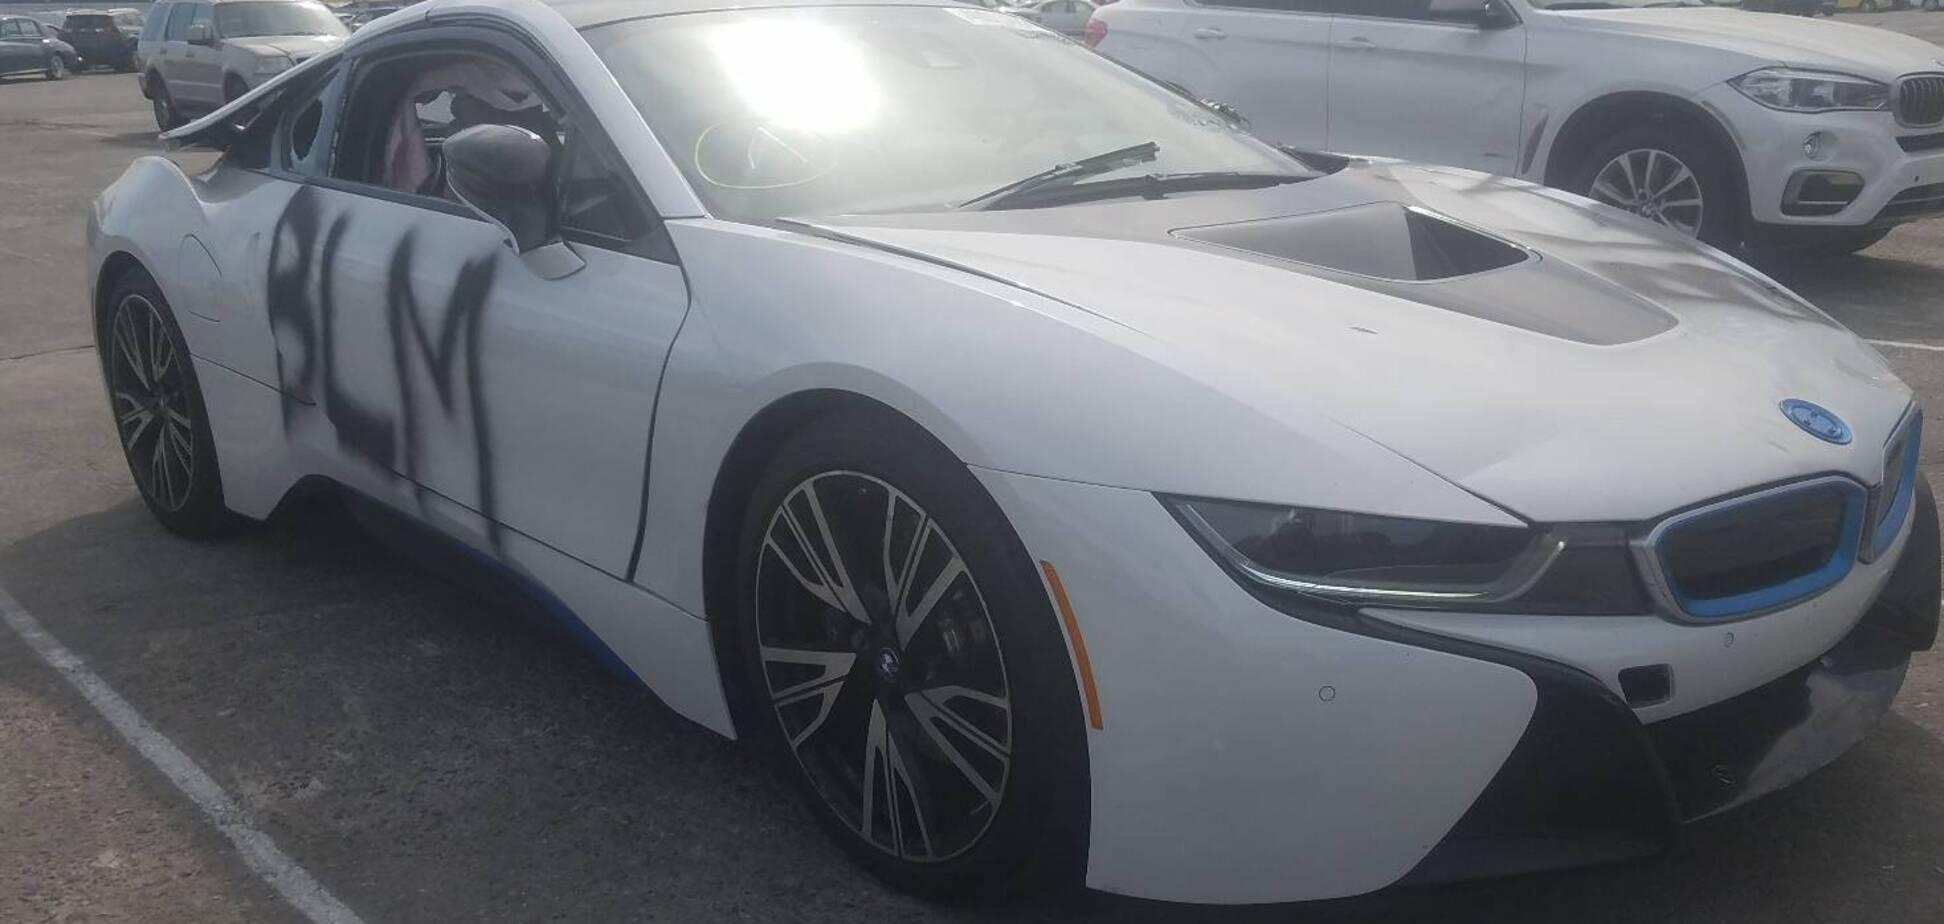 Вандали пошкодили майже новий BMW i8: тепер його віддають за $100